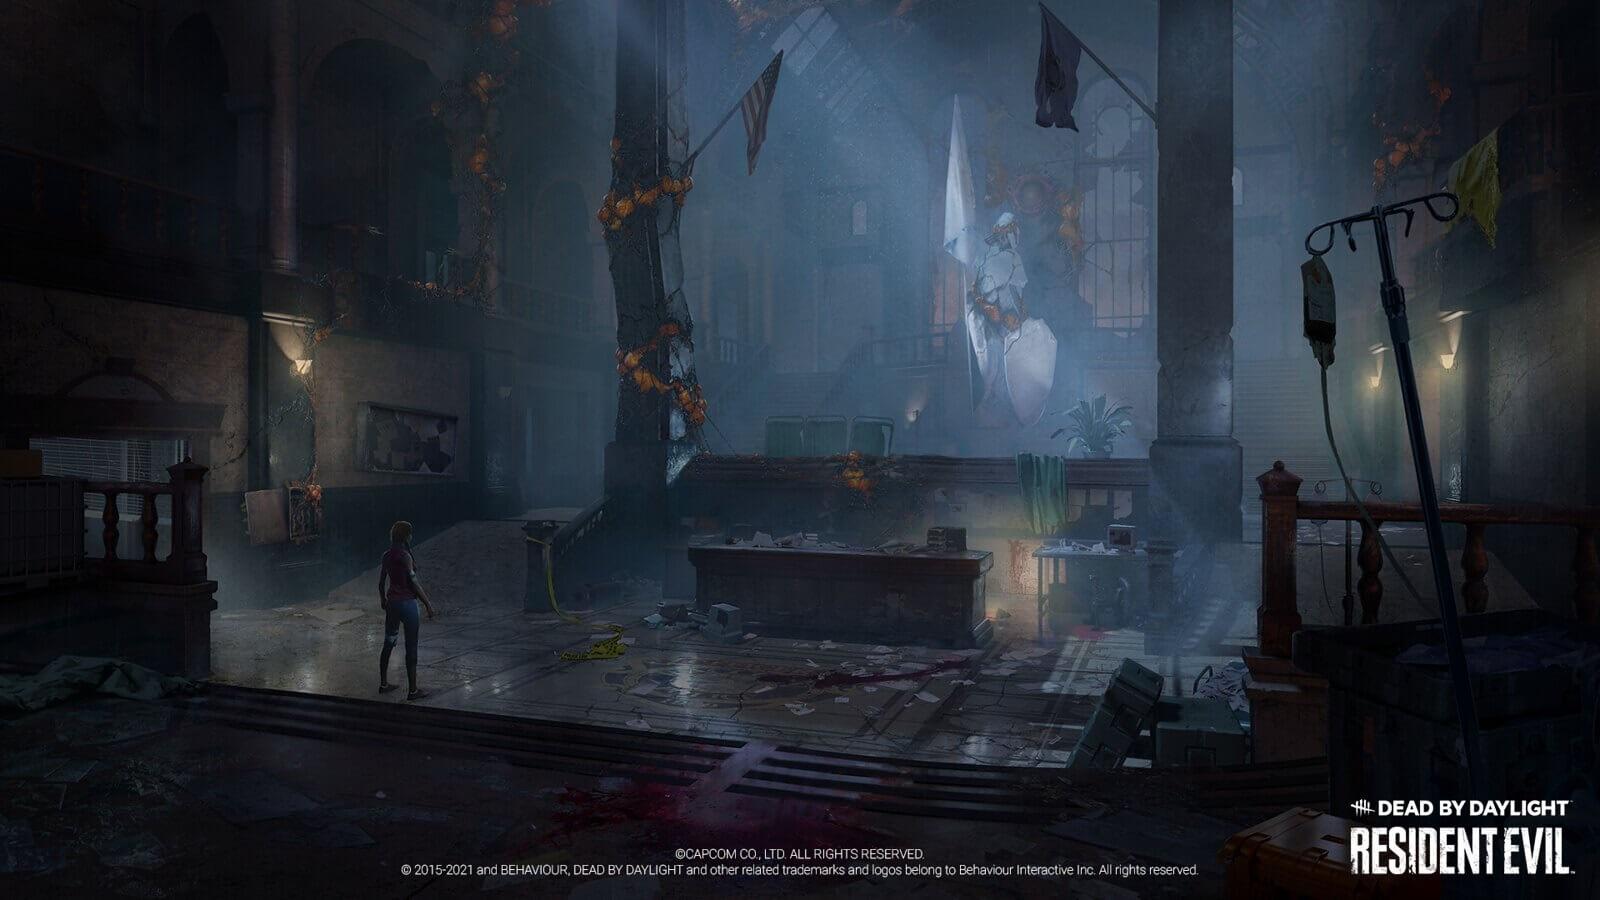 Dead by Daylight: La comisaría de Raccoon City será el mapa más grande del juego